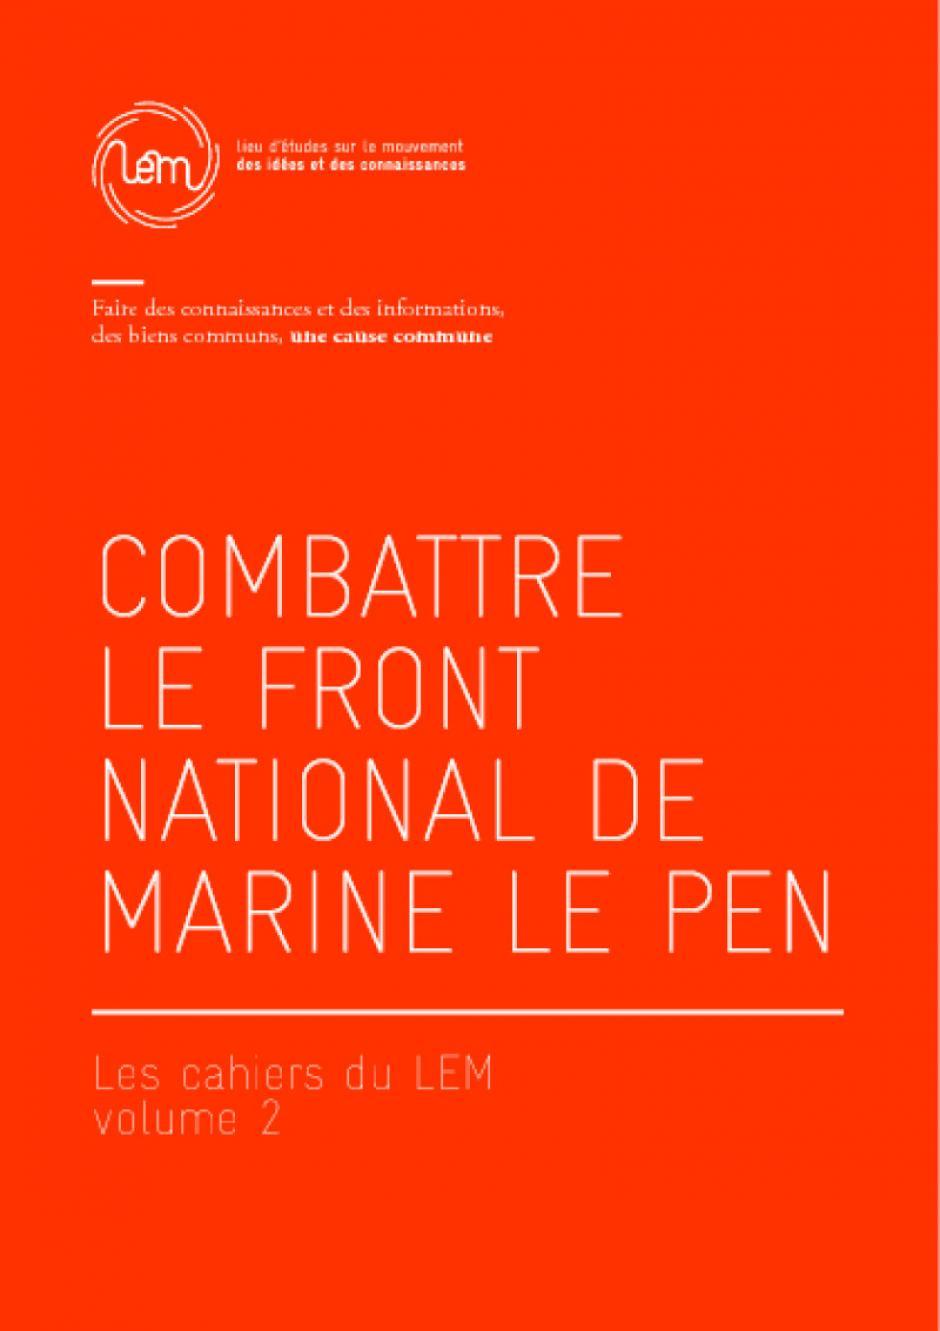 Les cahiers du lem volume 2 - Combattre le Front national de Marine Le Pen